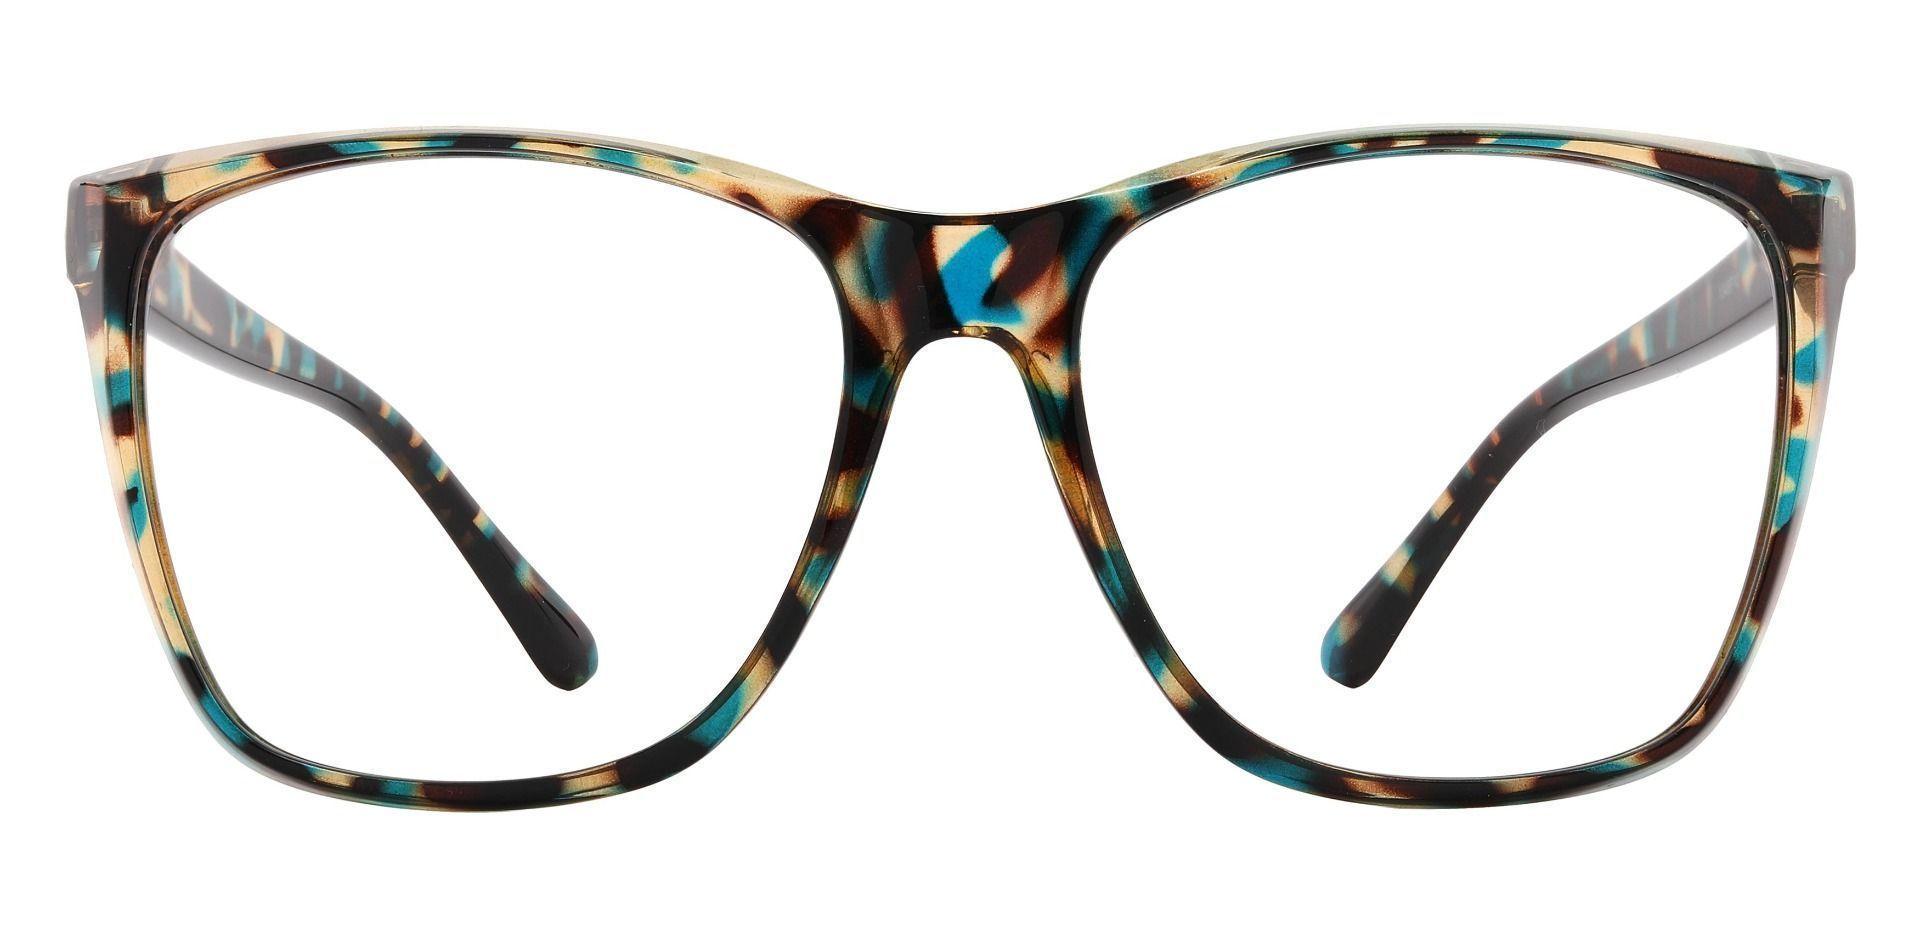 Taryn Square Prescription Glasses - Floral